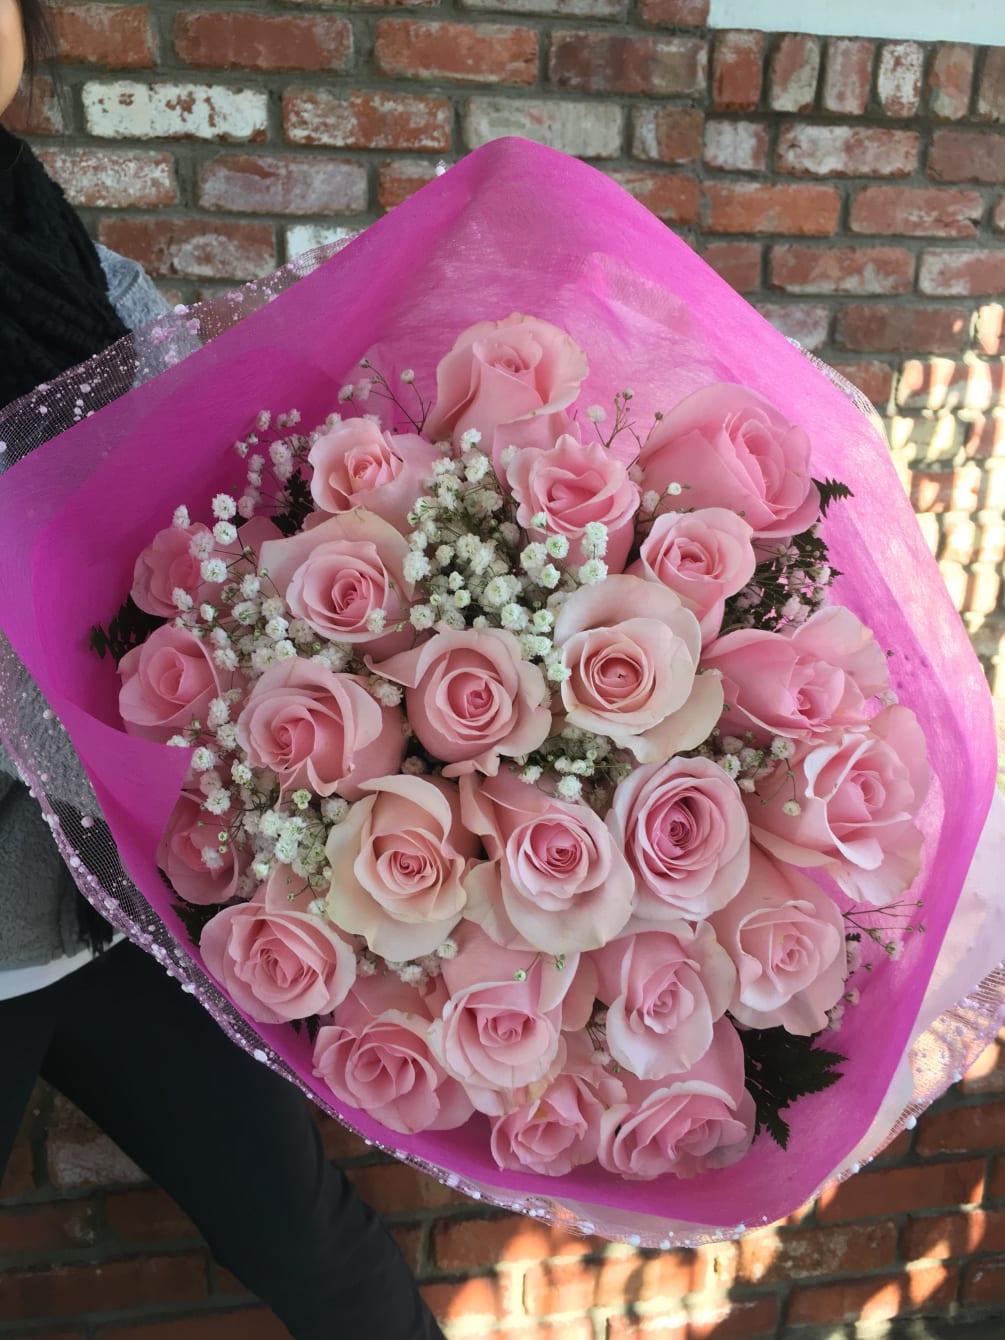 Sweetheart Bouquet By Bee S Flowers